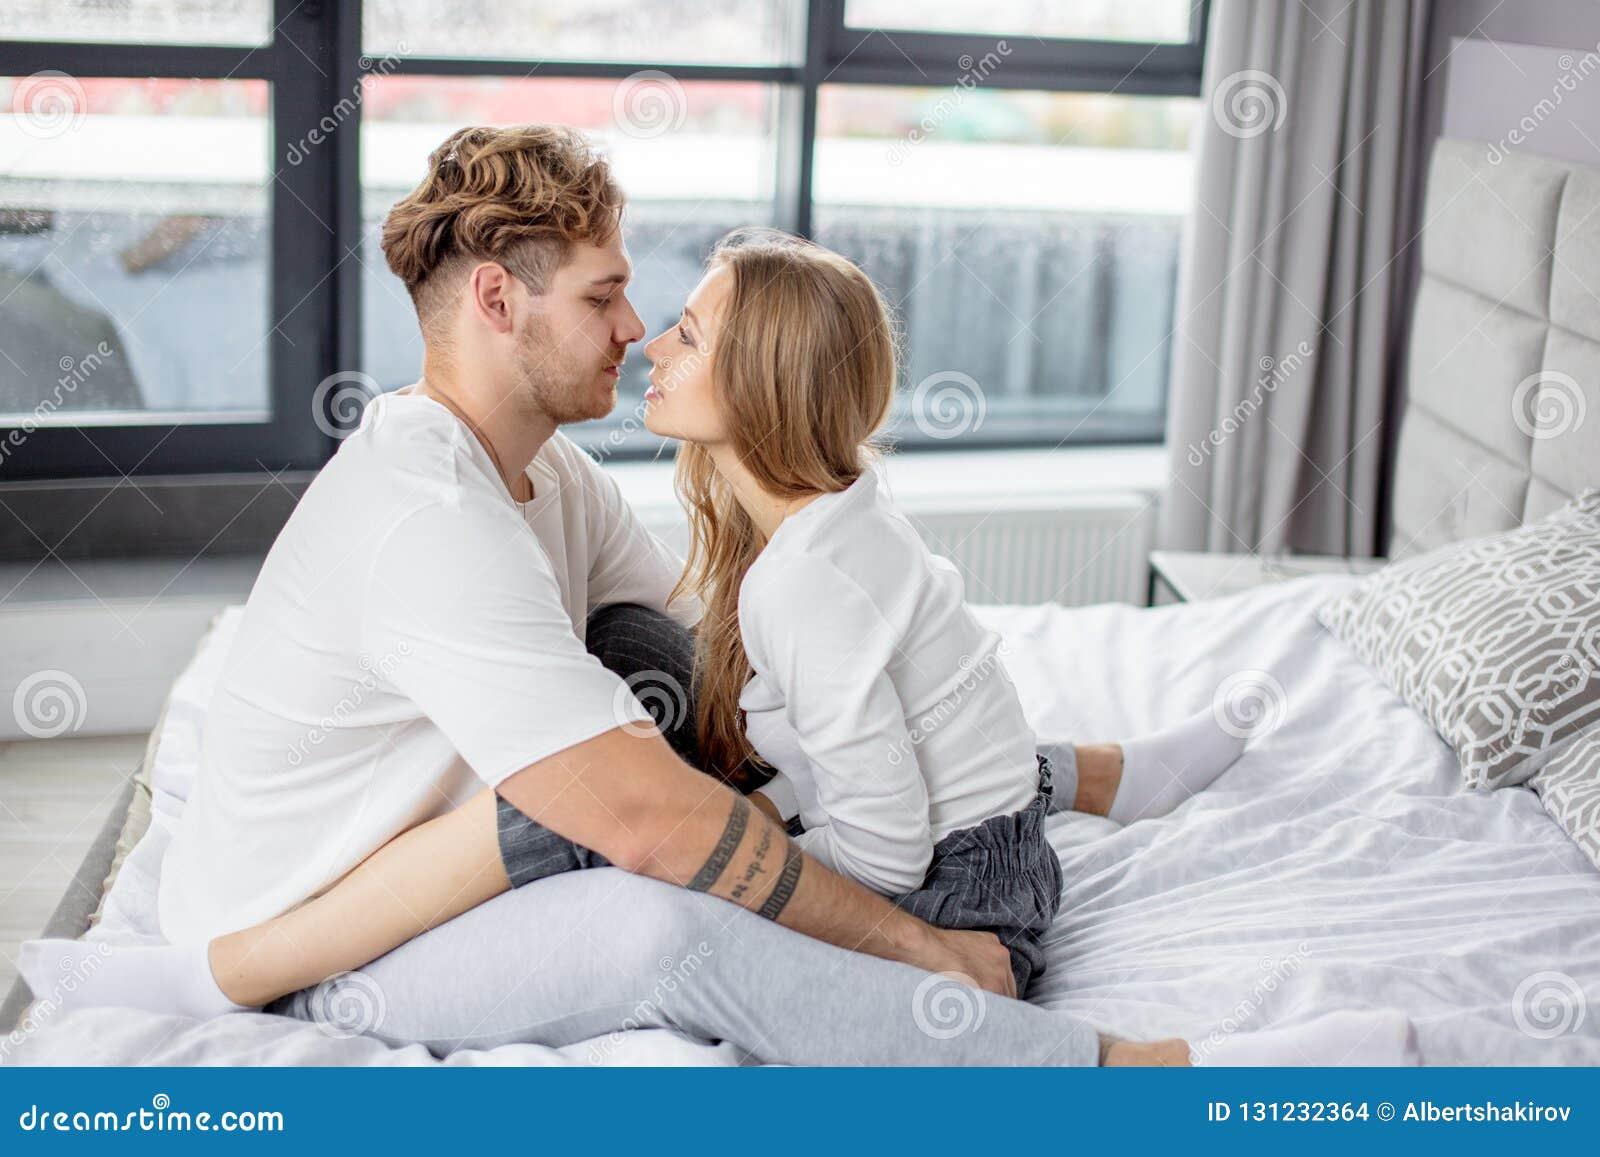 Homme Bel Et Belle Femme Dans L Extase De L Amour Photo Stock Image Du Desir Hommes 131232364